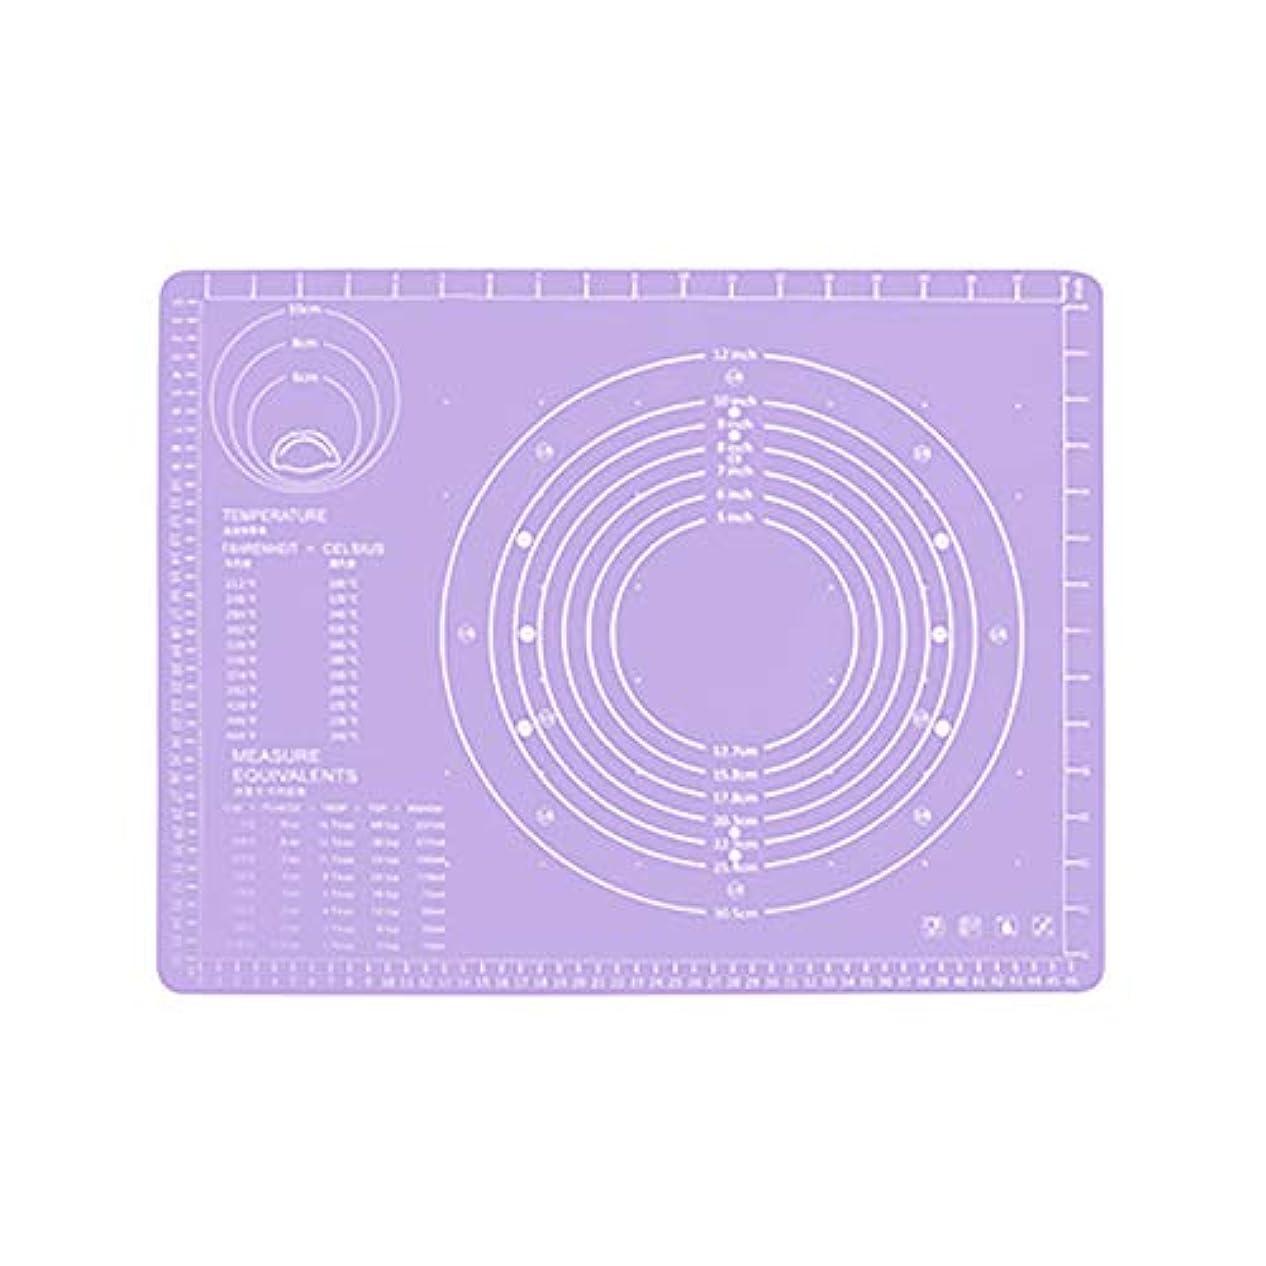 Refaxi シリコーン生地ローリング混練パッド高温ケーキペストリーベーキングパッド(紫)